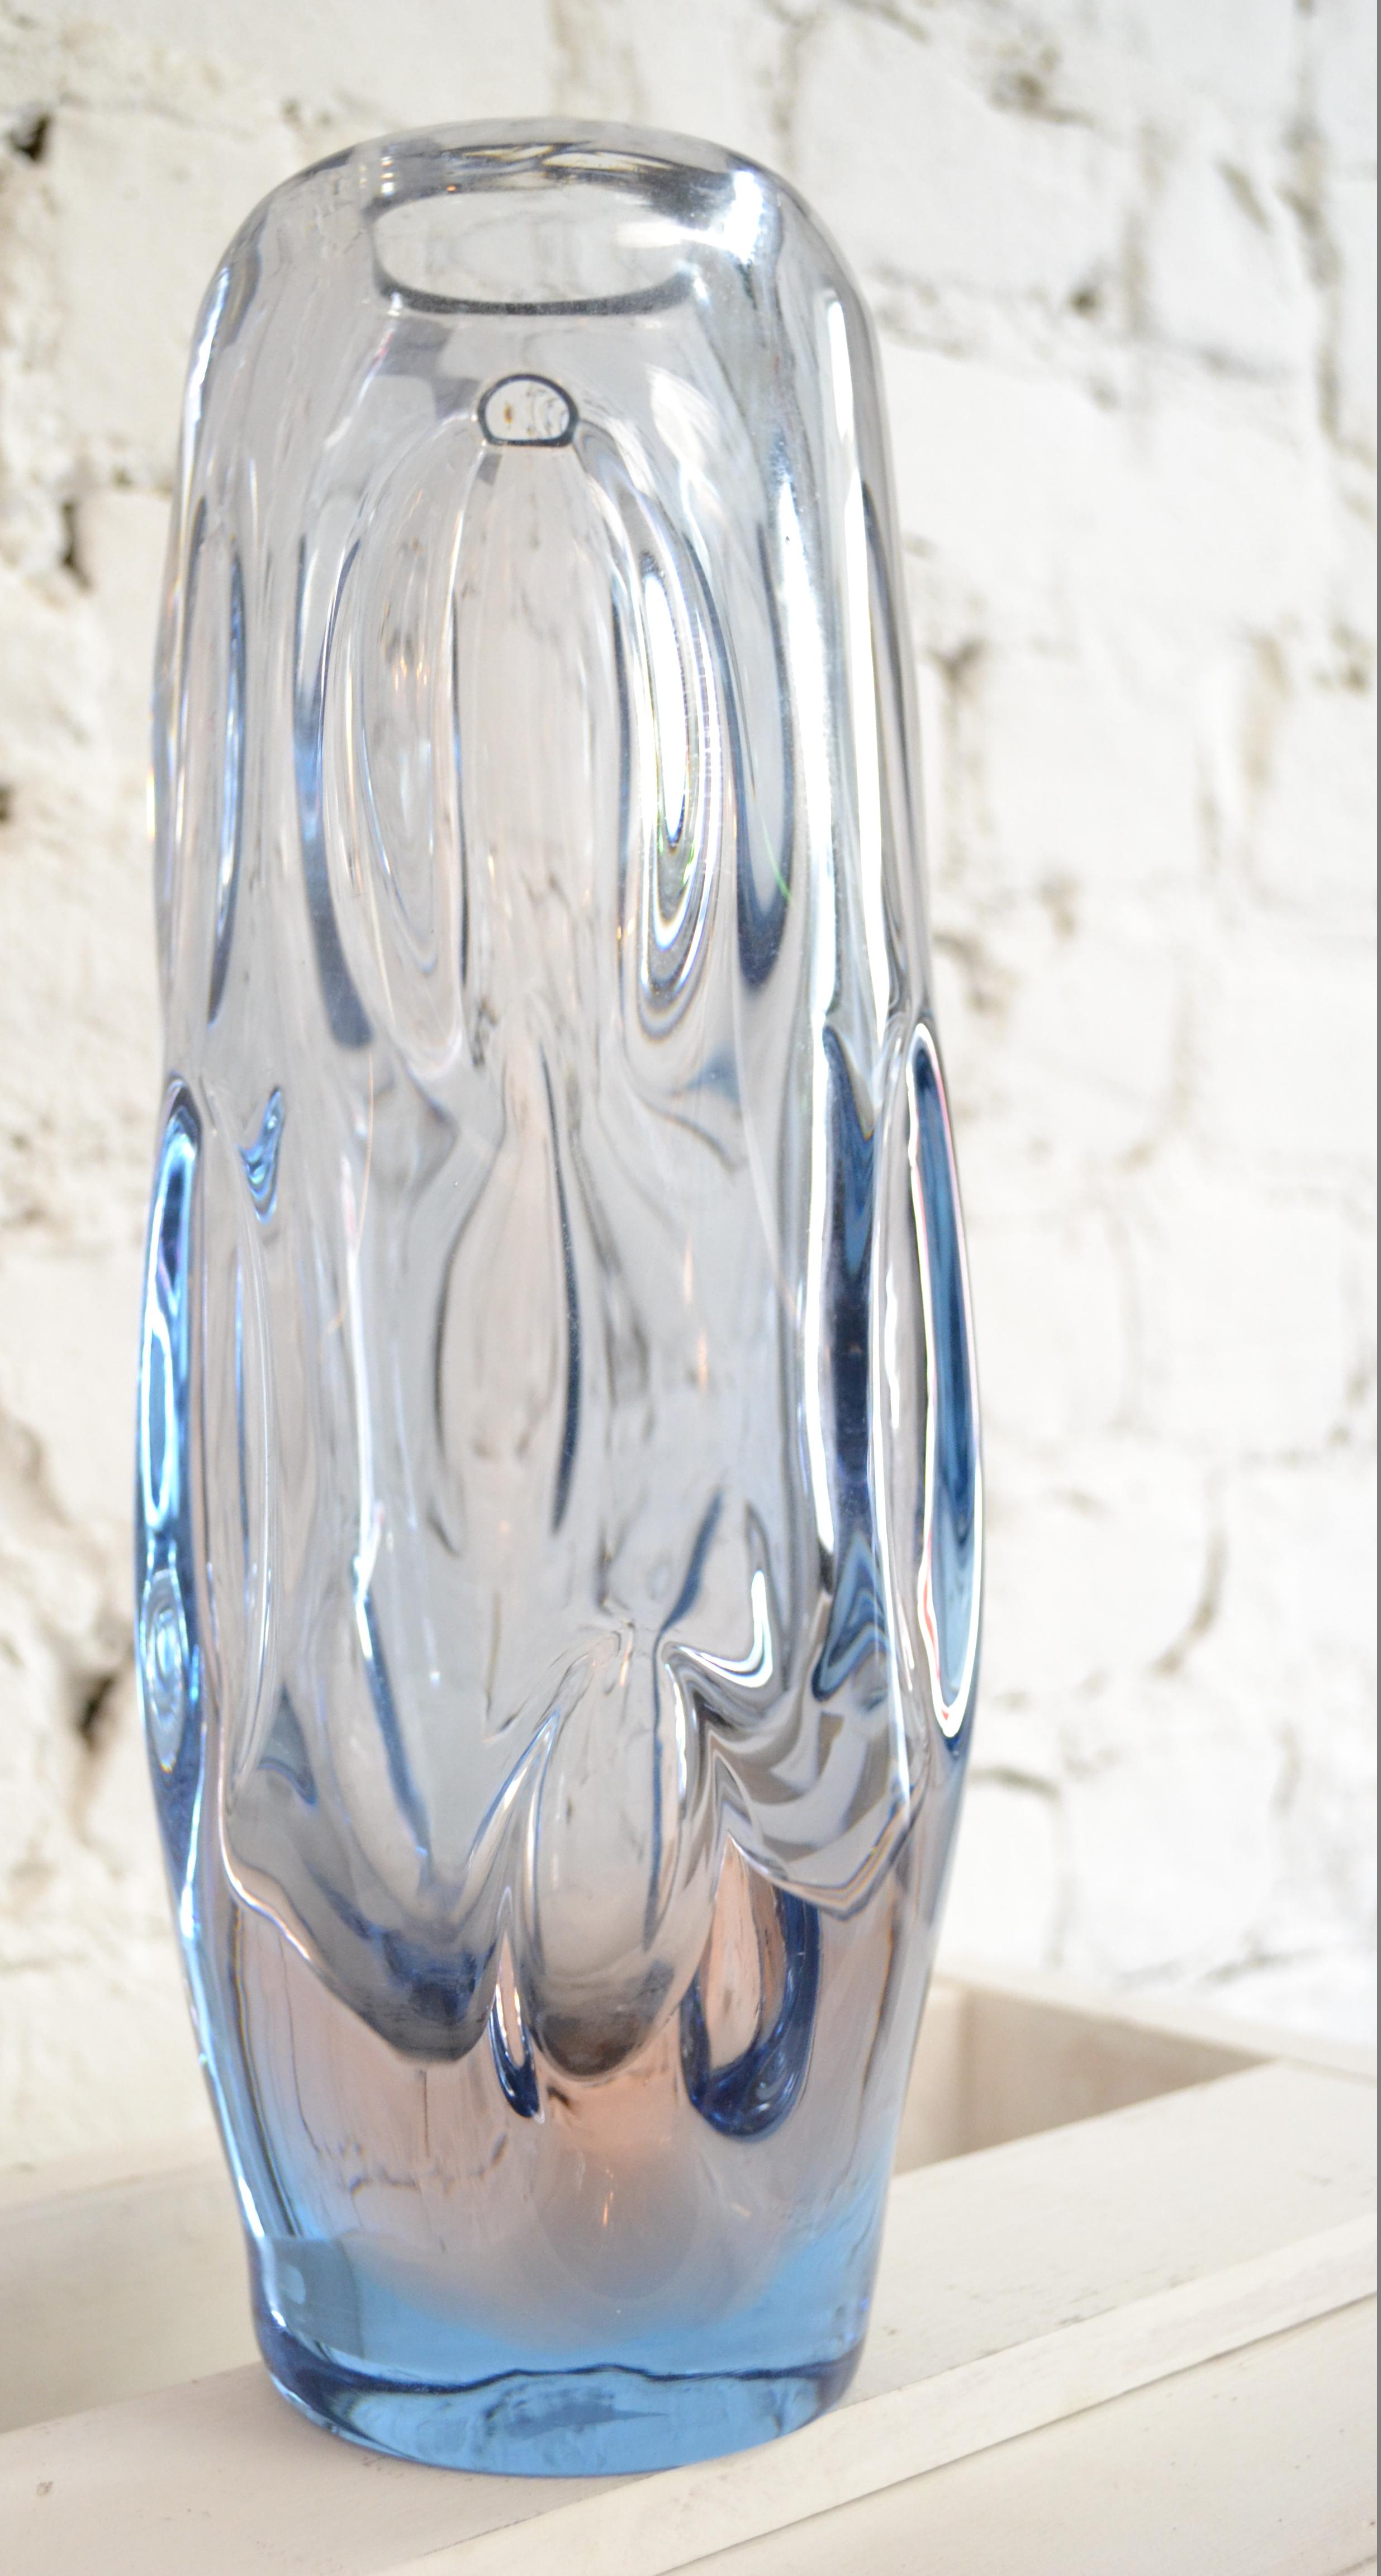 vase en verre souffl tchecoslovaque skrdlovice harold. Black Bedroom Furniture Sets. Home Design Ideas